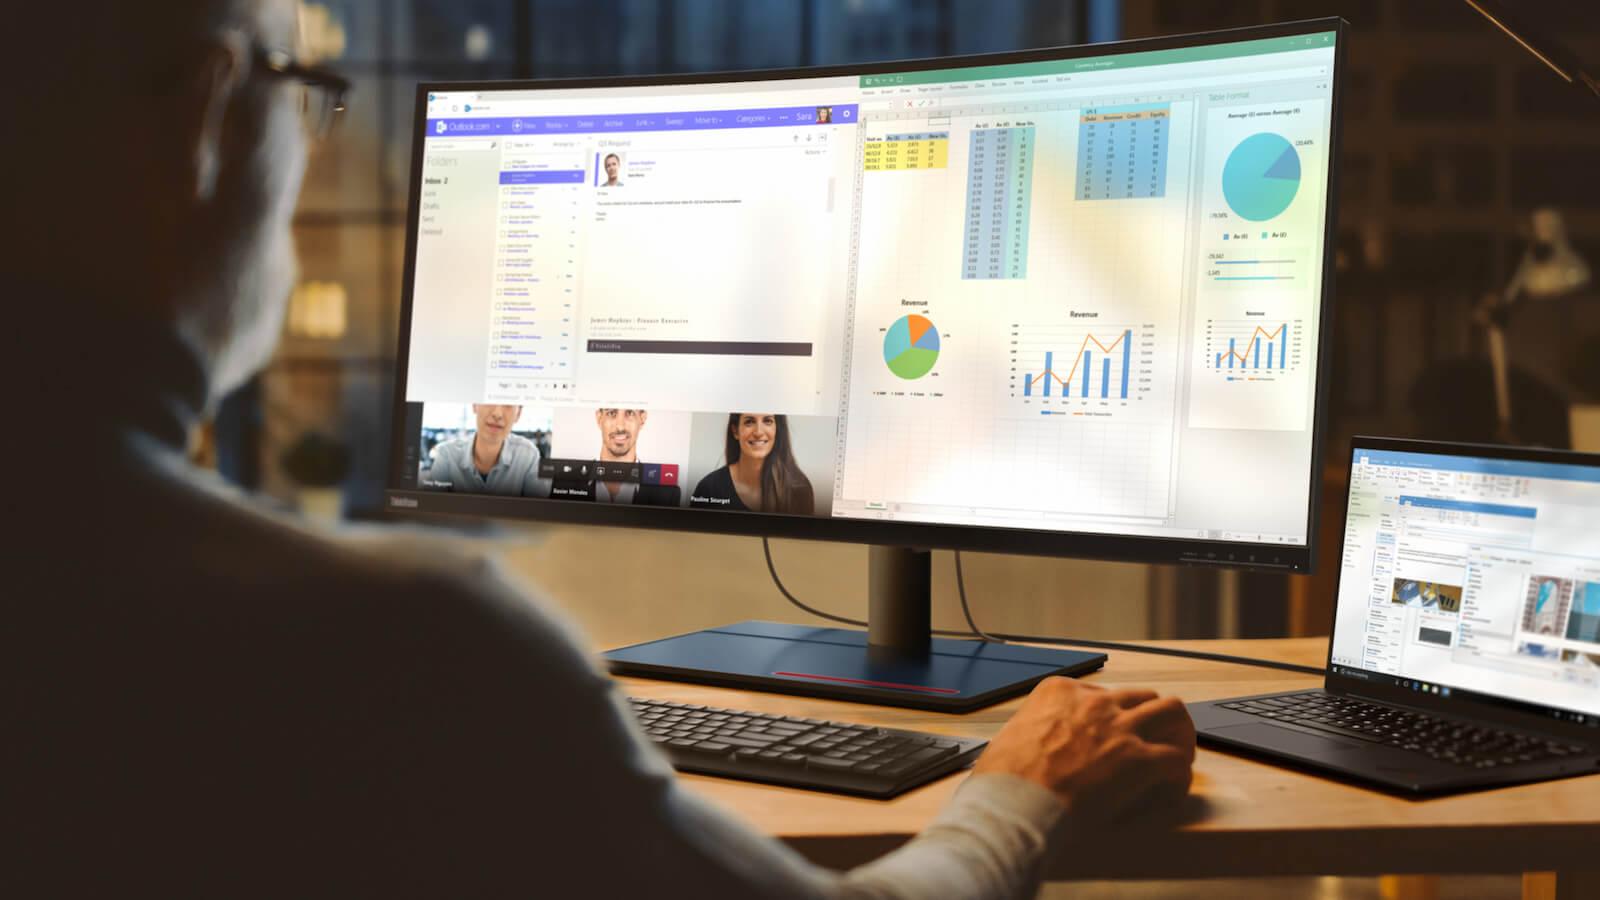 Lenovo-ThinkVision-P40w-workspace-monitor-01.jpeg